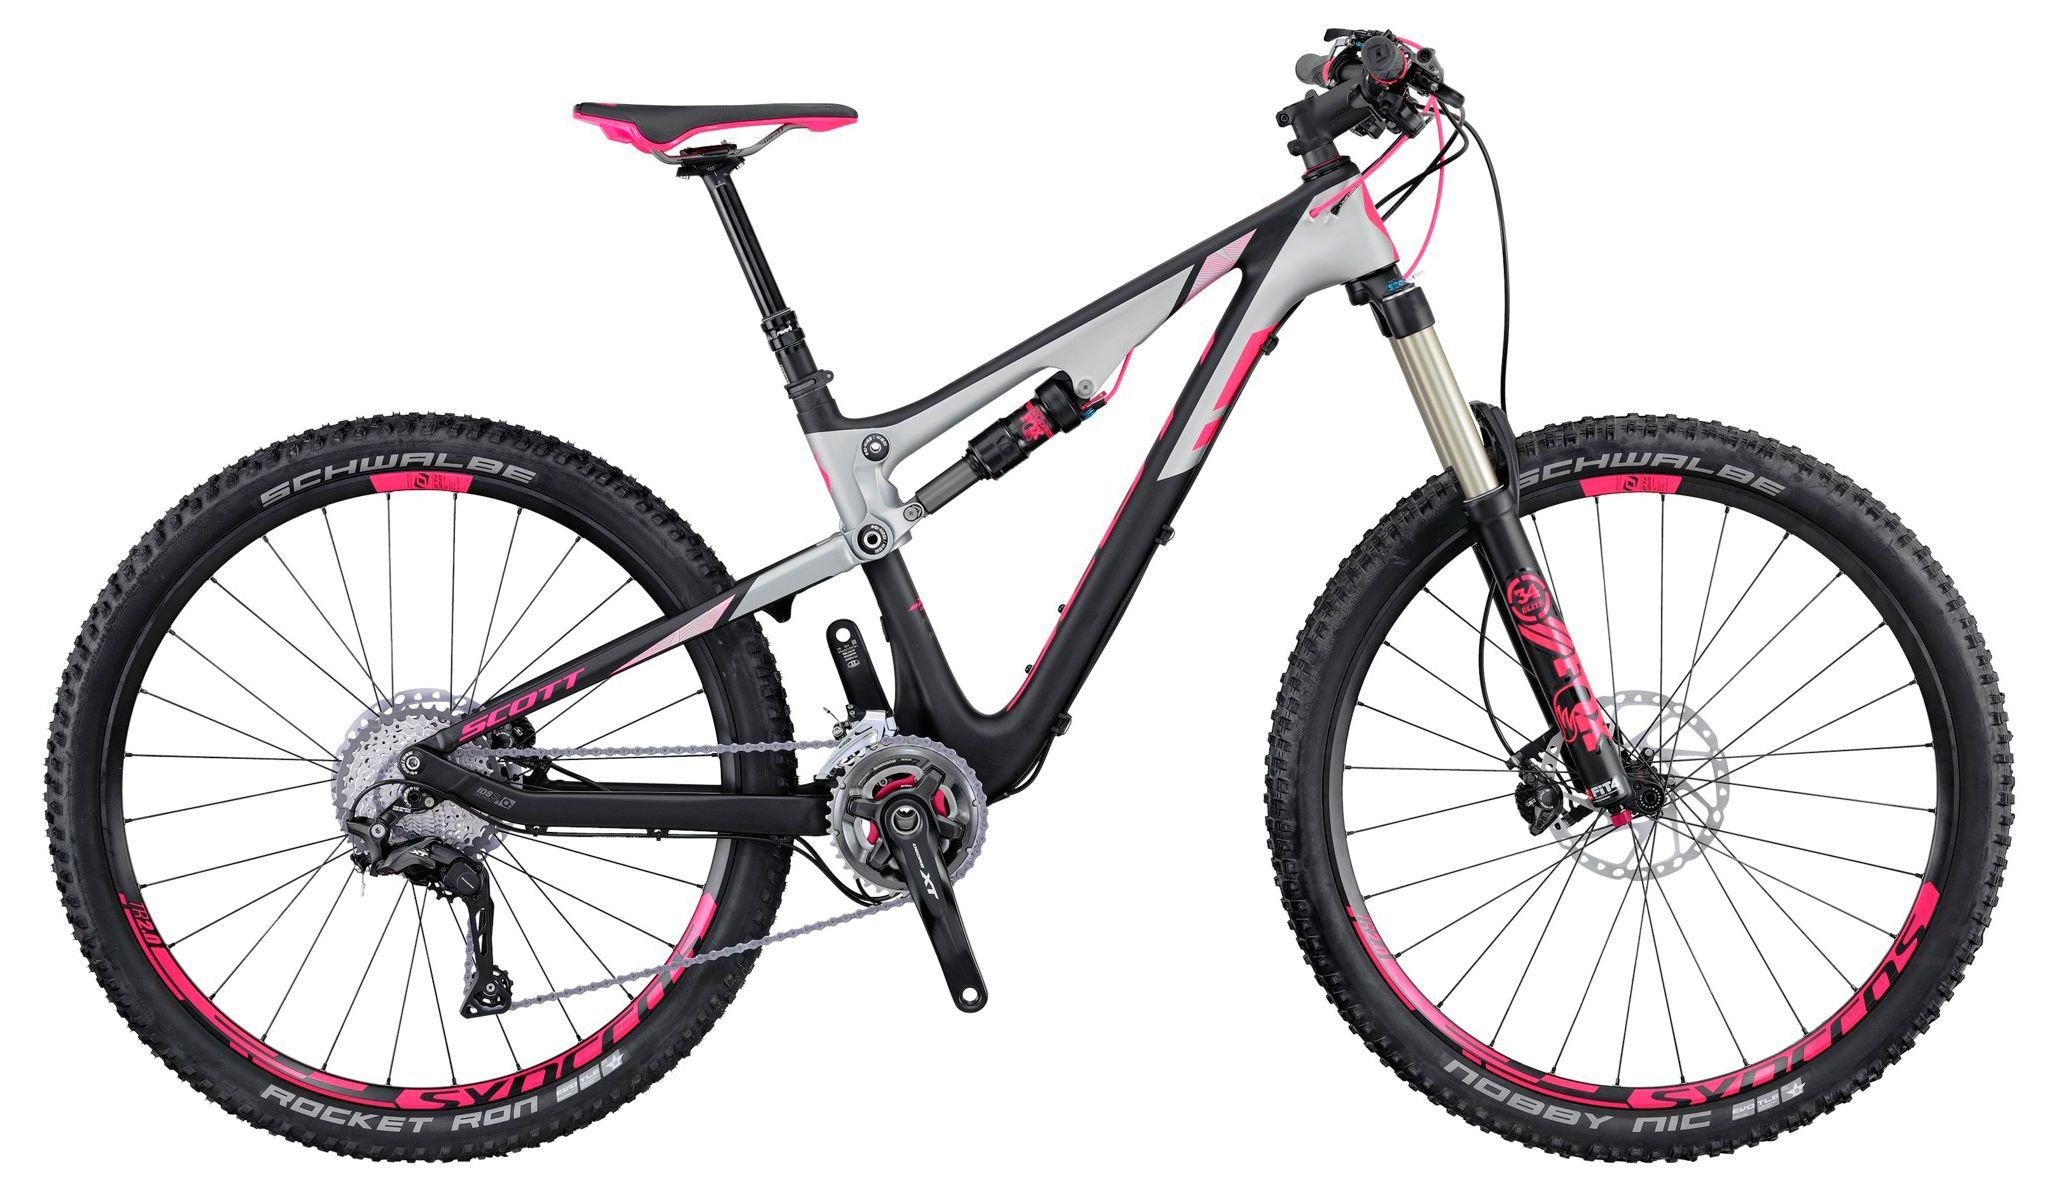 Велосипед Scott Contessa Genius 700 2016  scott contessa genius 700 2016